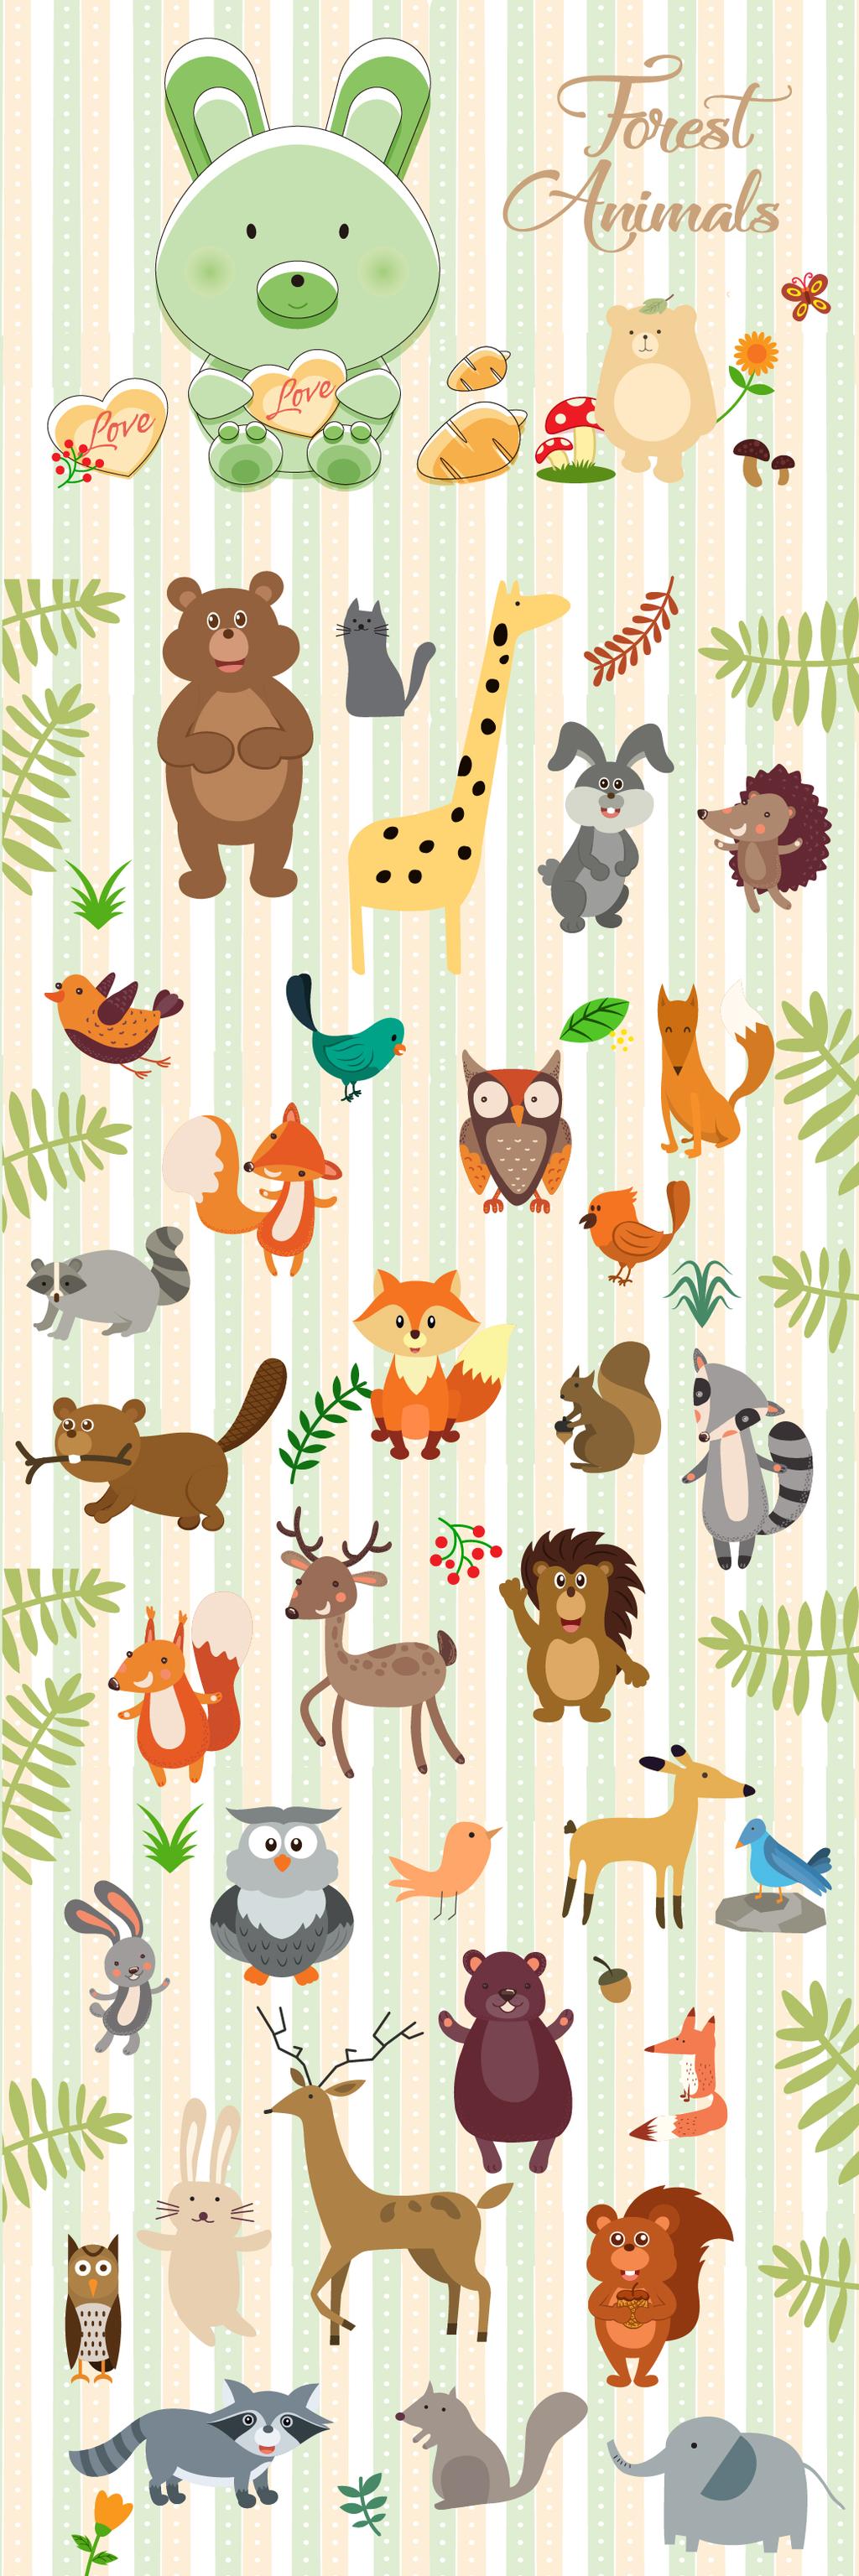 q版小动物卡通图案